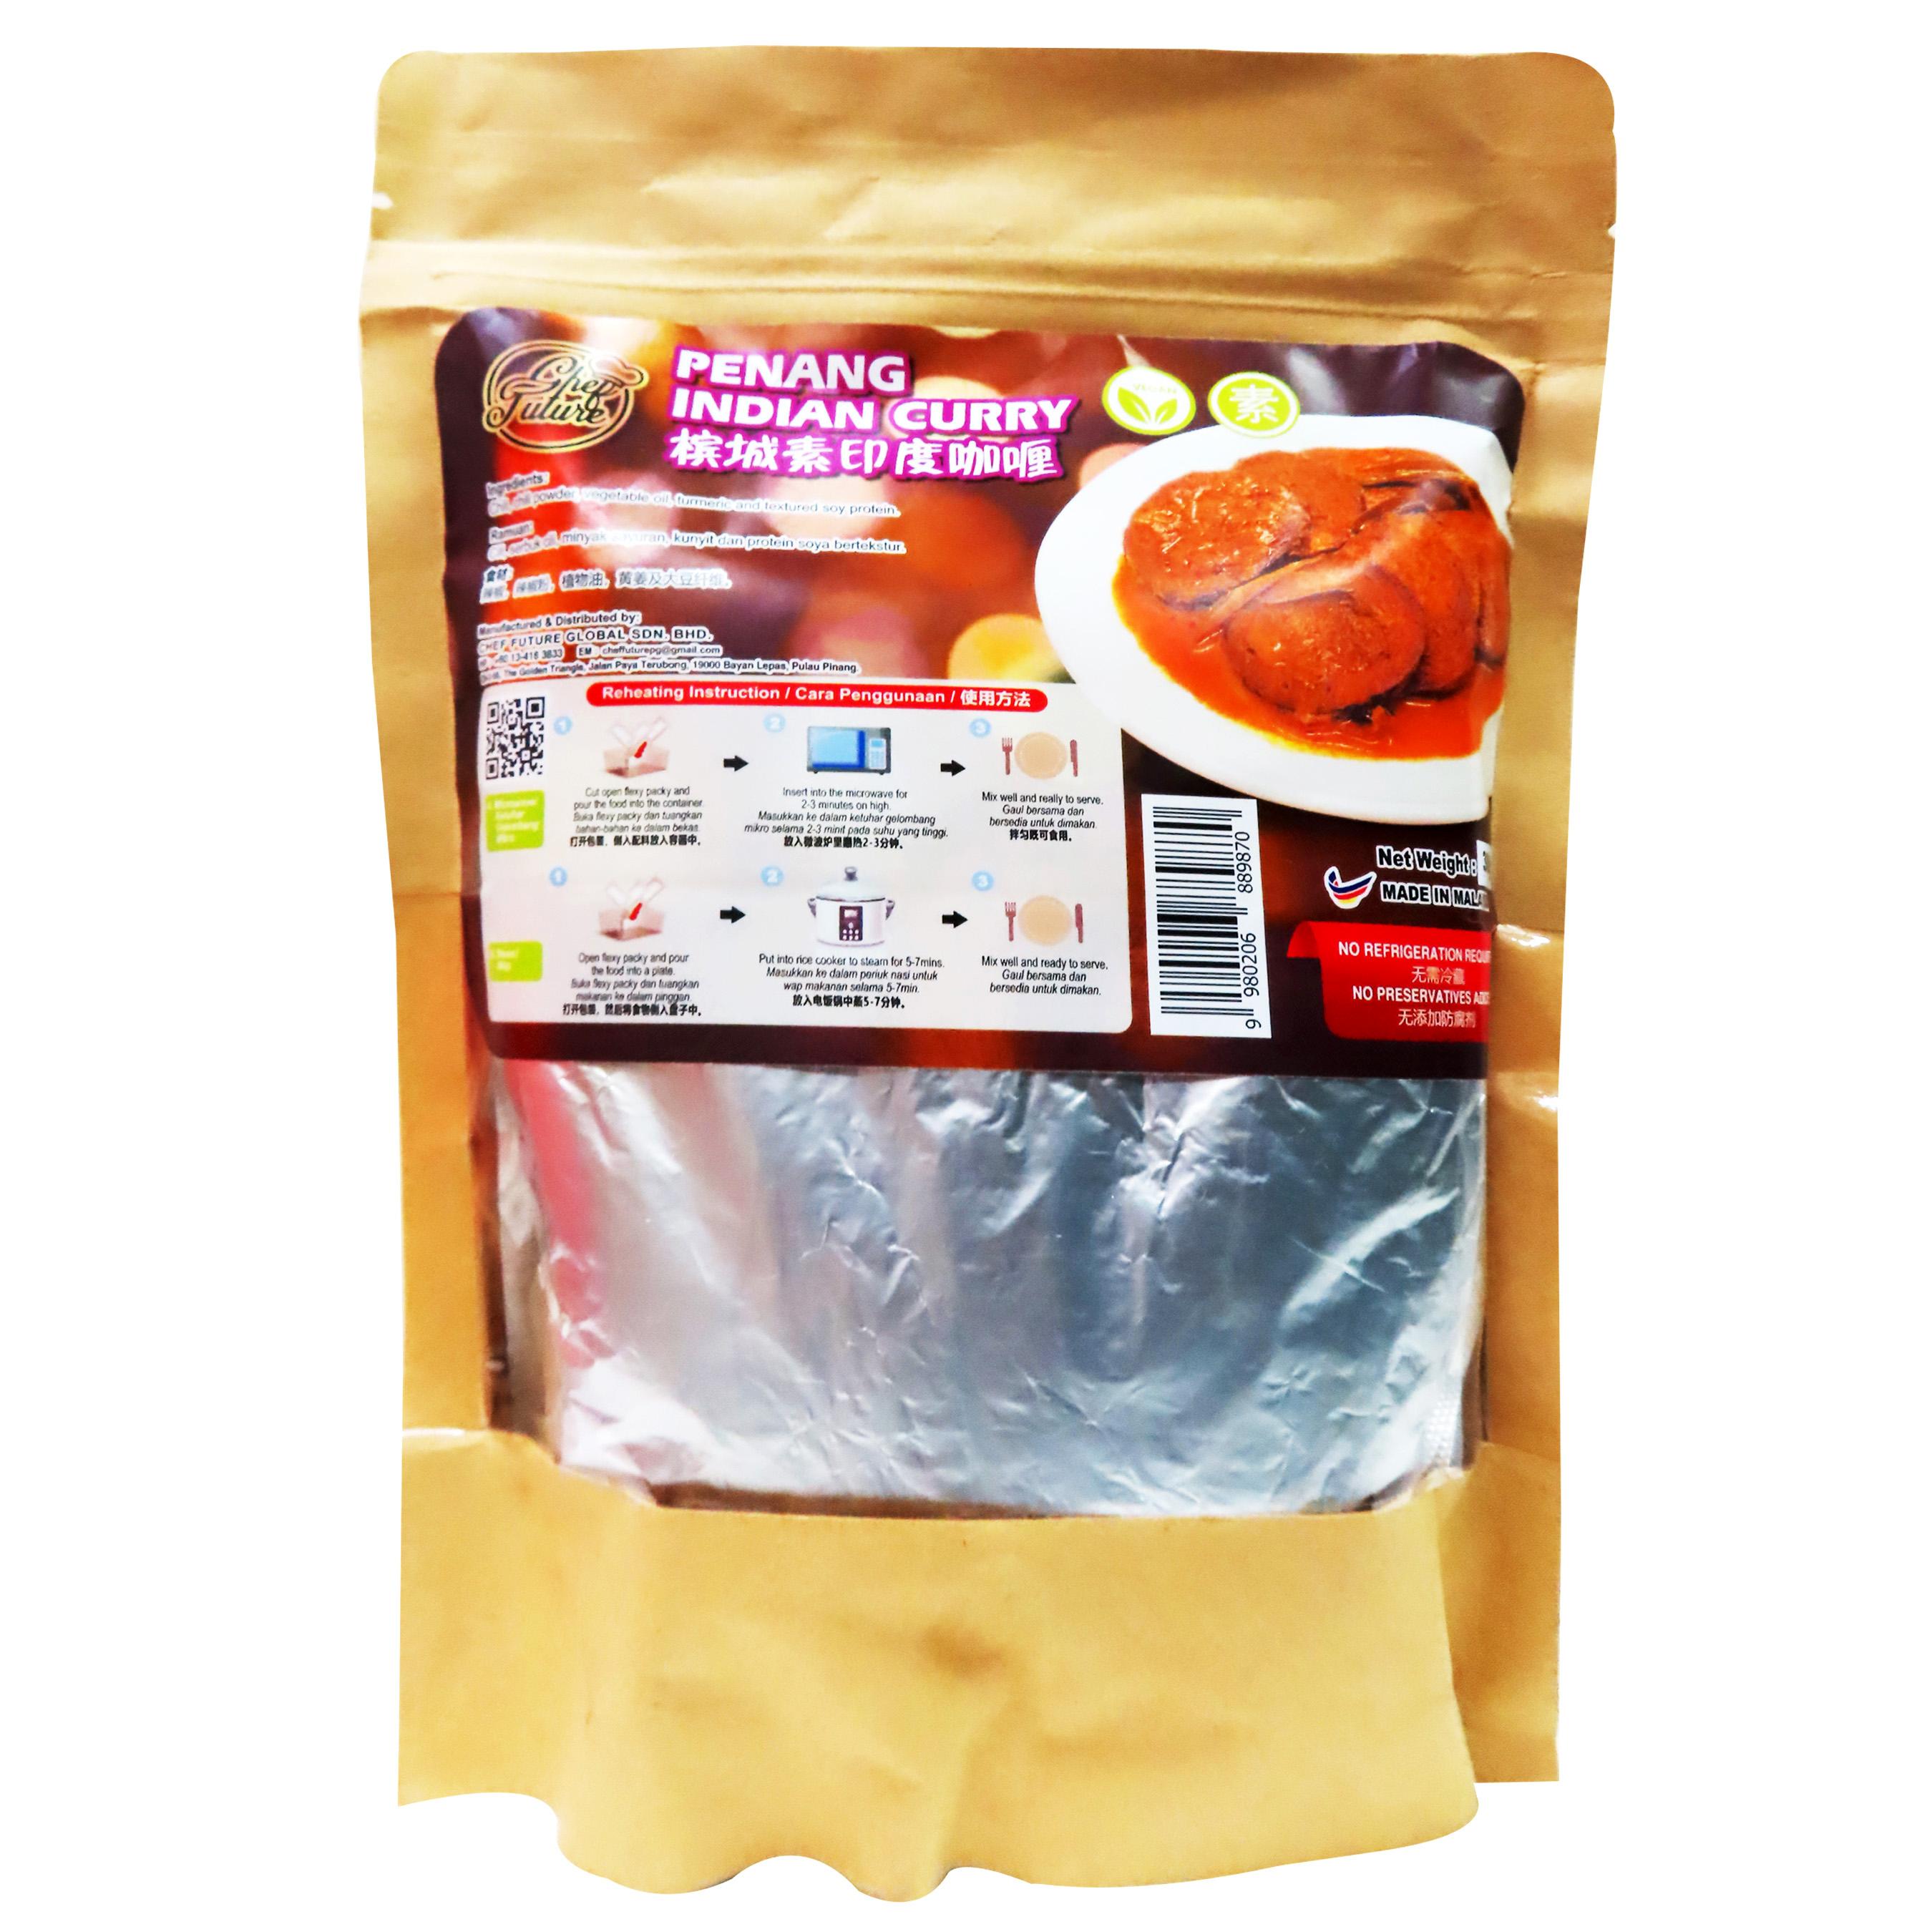 Image Penang Indian Curry 槟城素印度咖喱(鱼) 500grams